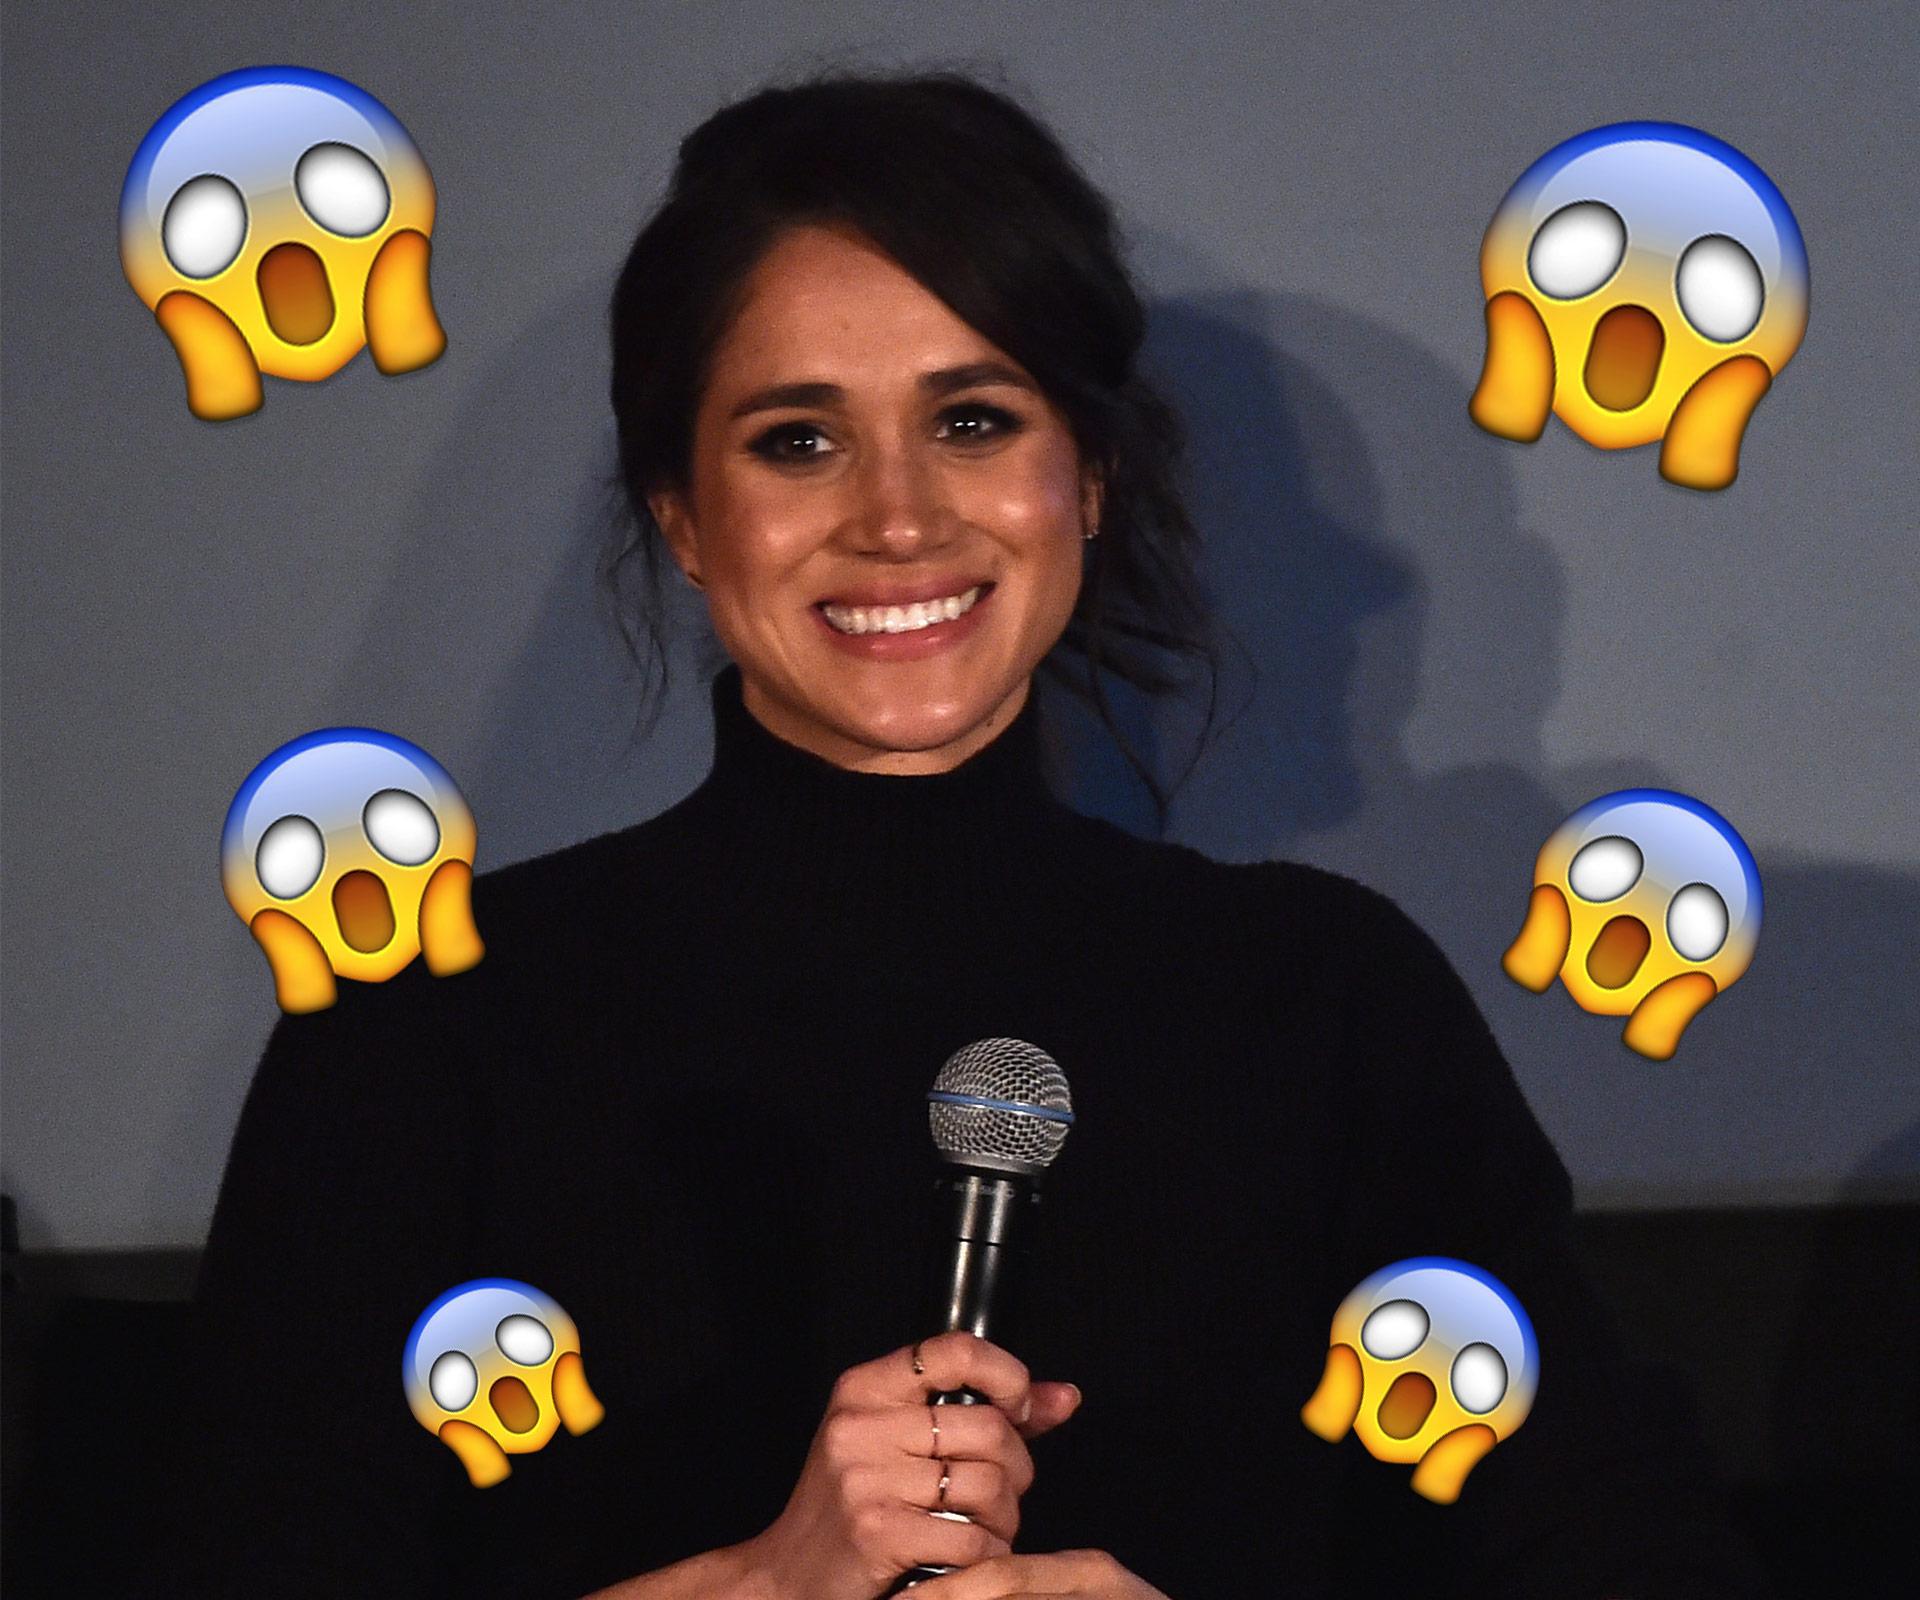 Cameron diaz hollywood actress